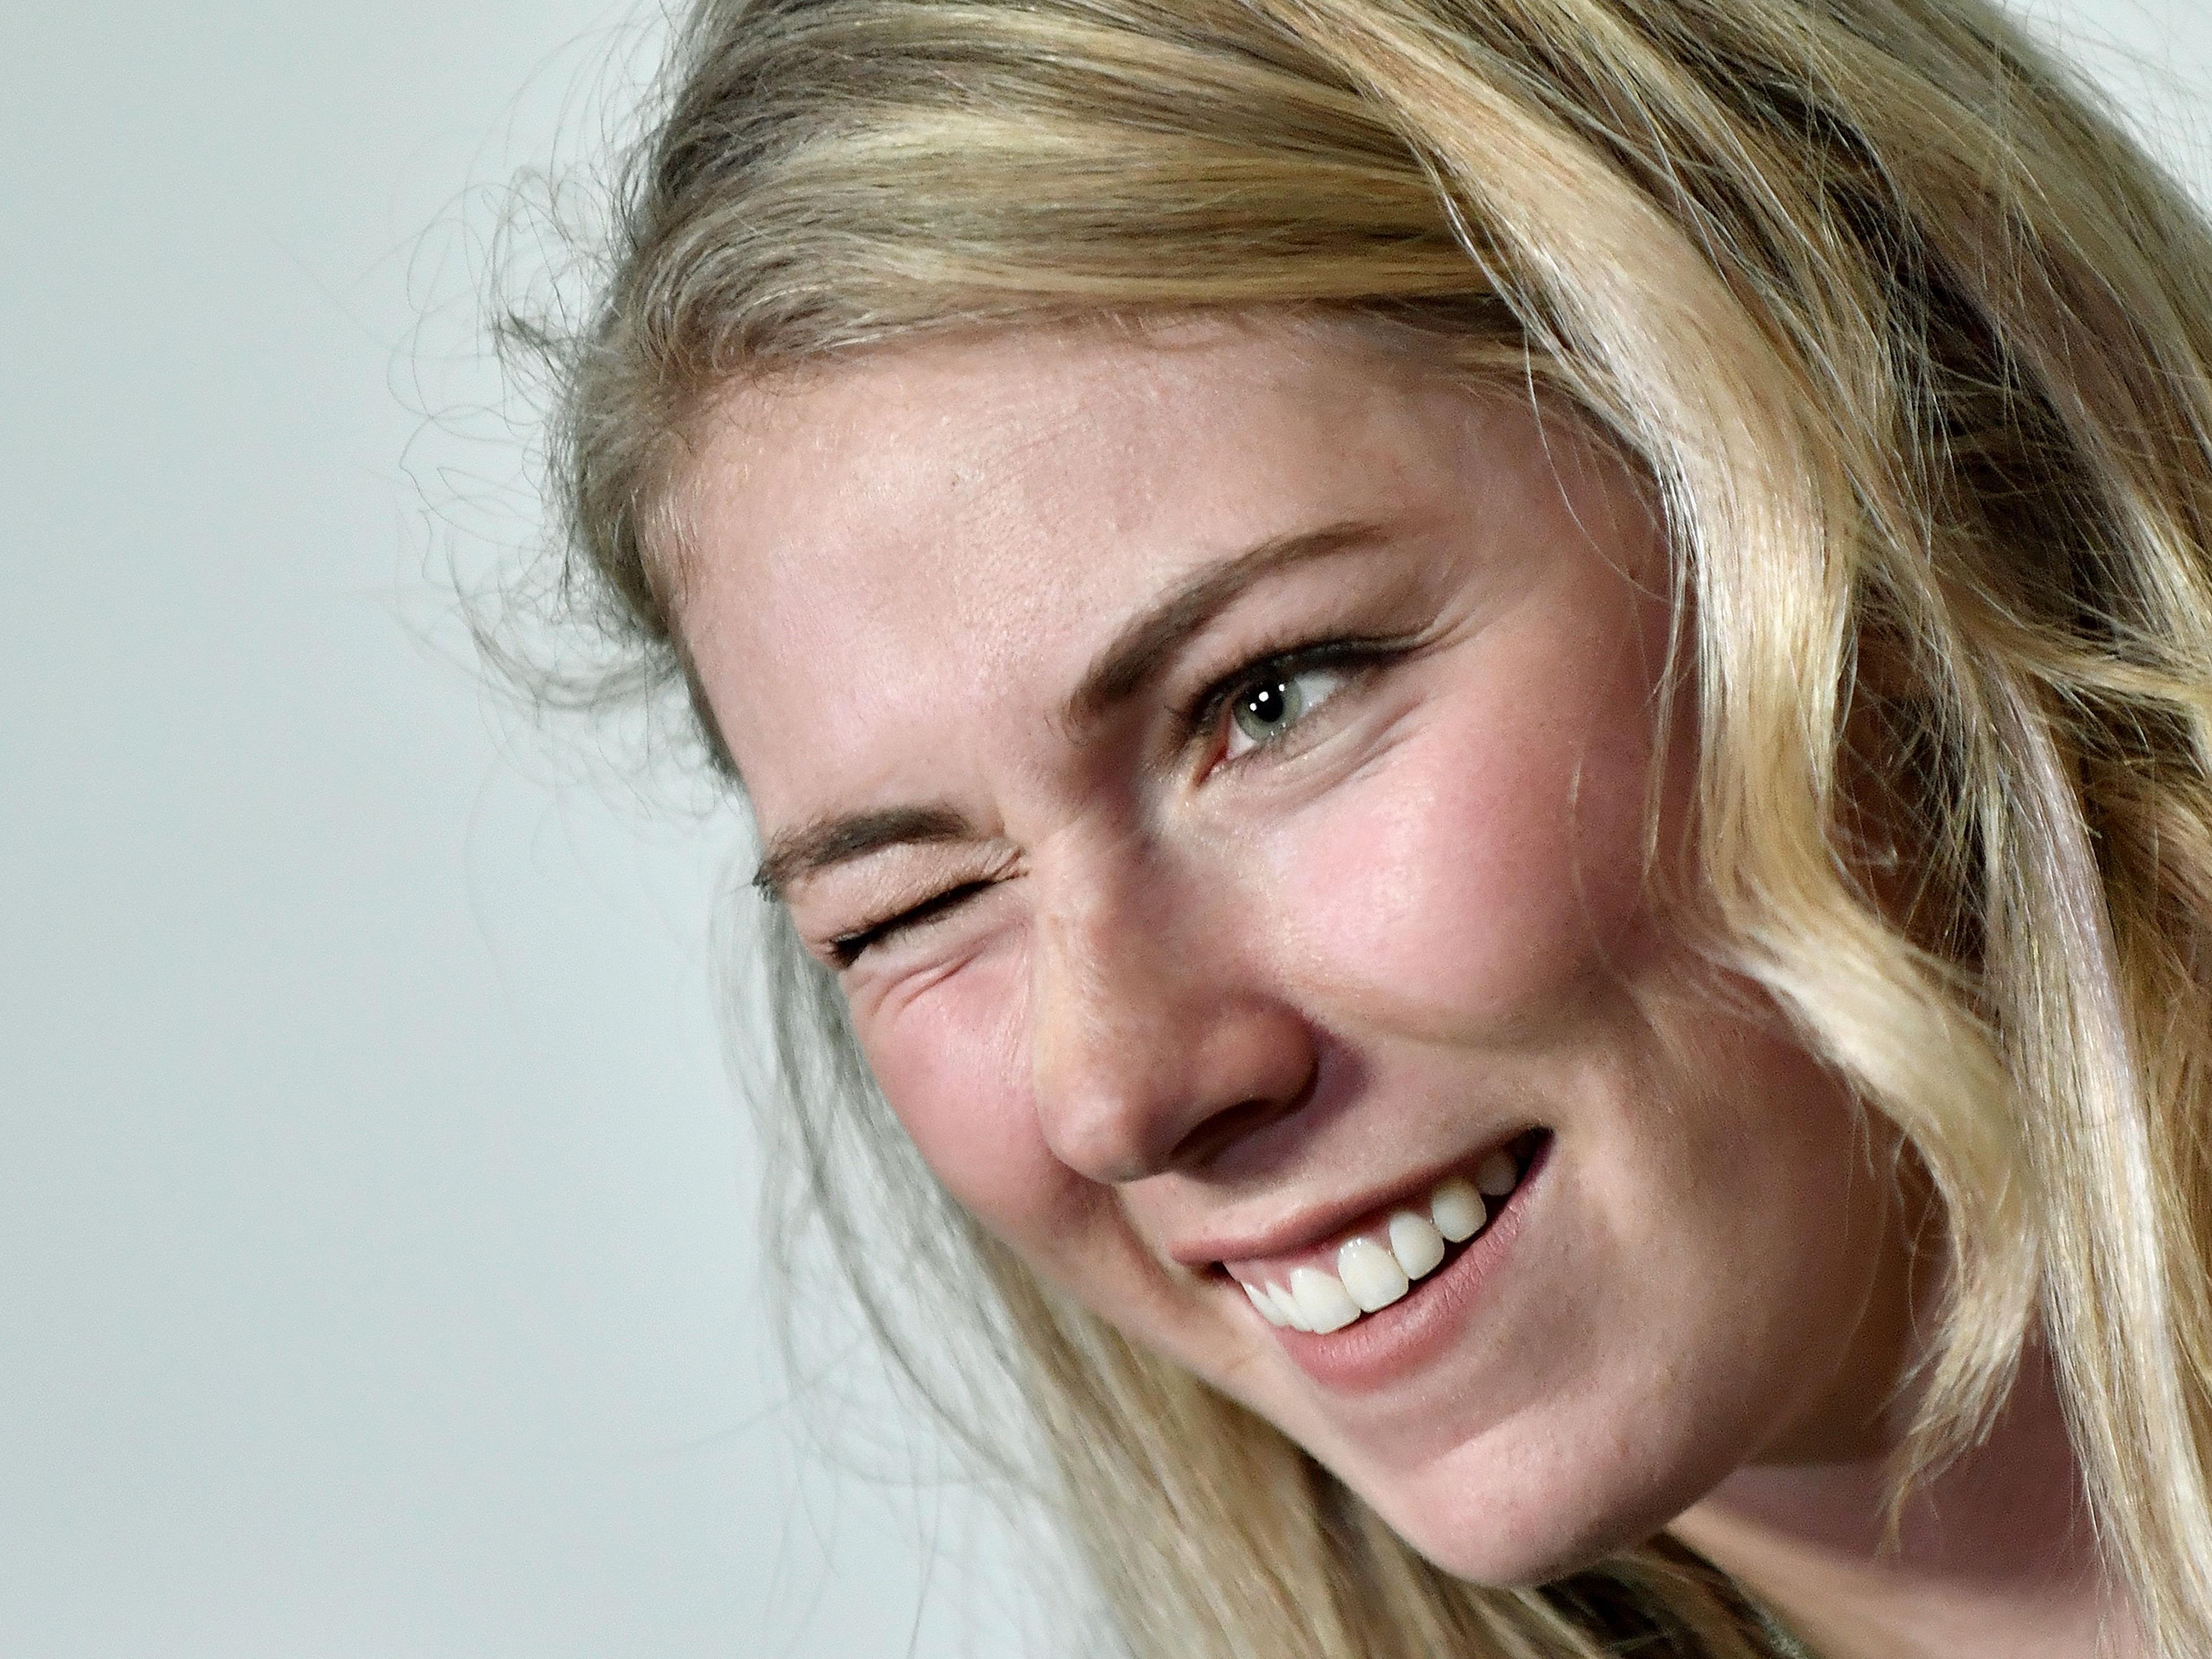 Die seit ein paar Tagen 22-jährige Mikaela Shiffrin hat zum ersten Mal in ihrer Karriere den Gesamtweltcup der Damen gewonnen.